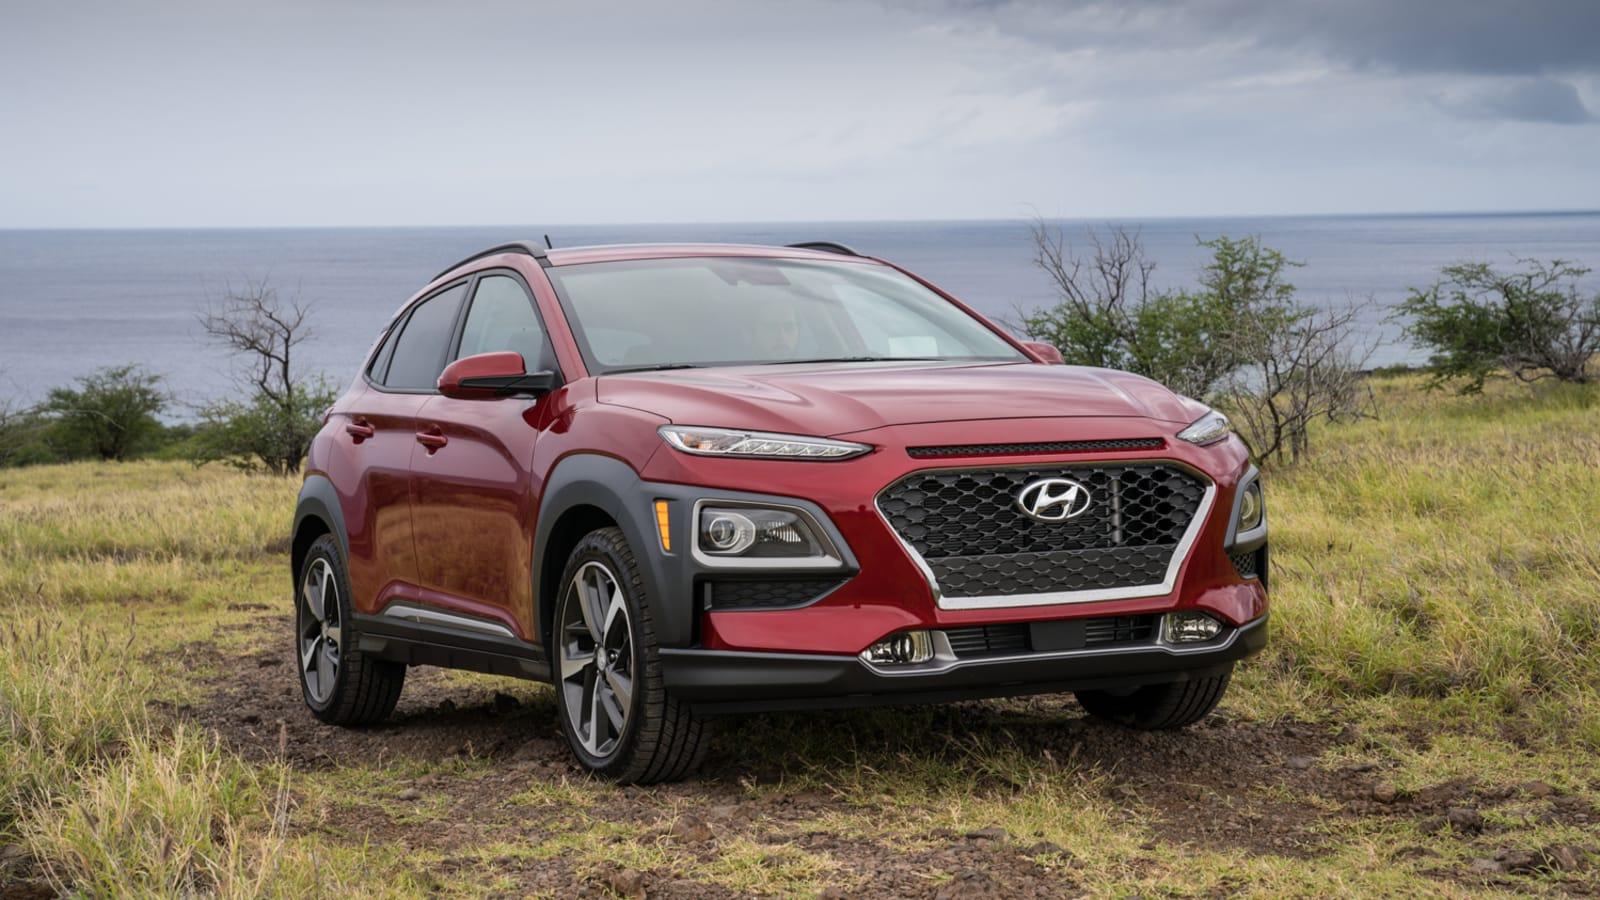 2021 Hyundai Kona in red off-road